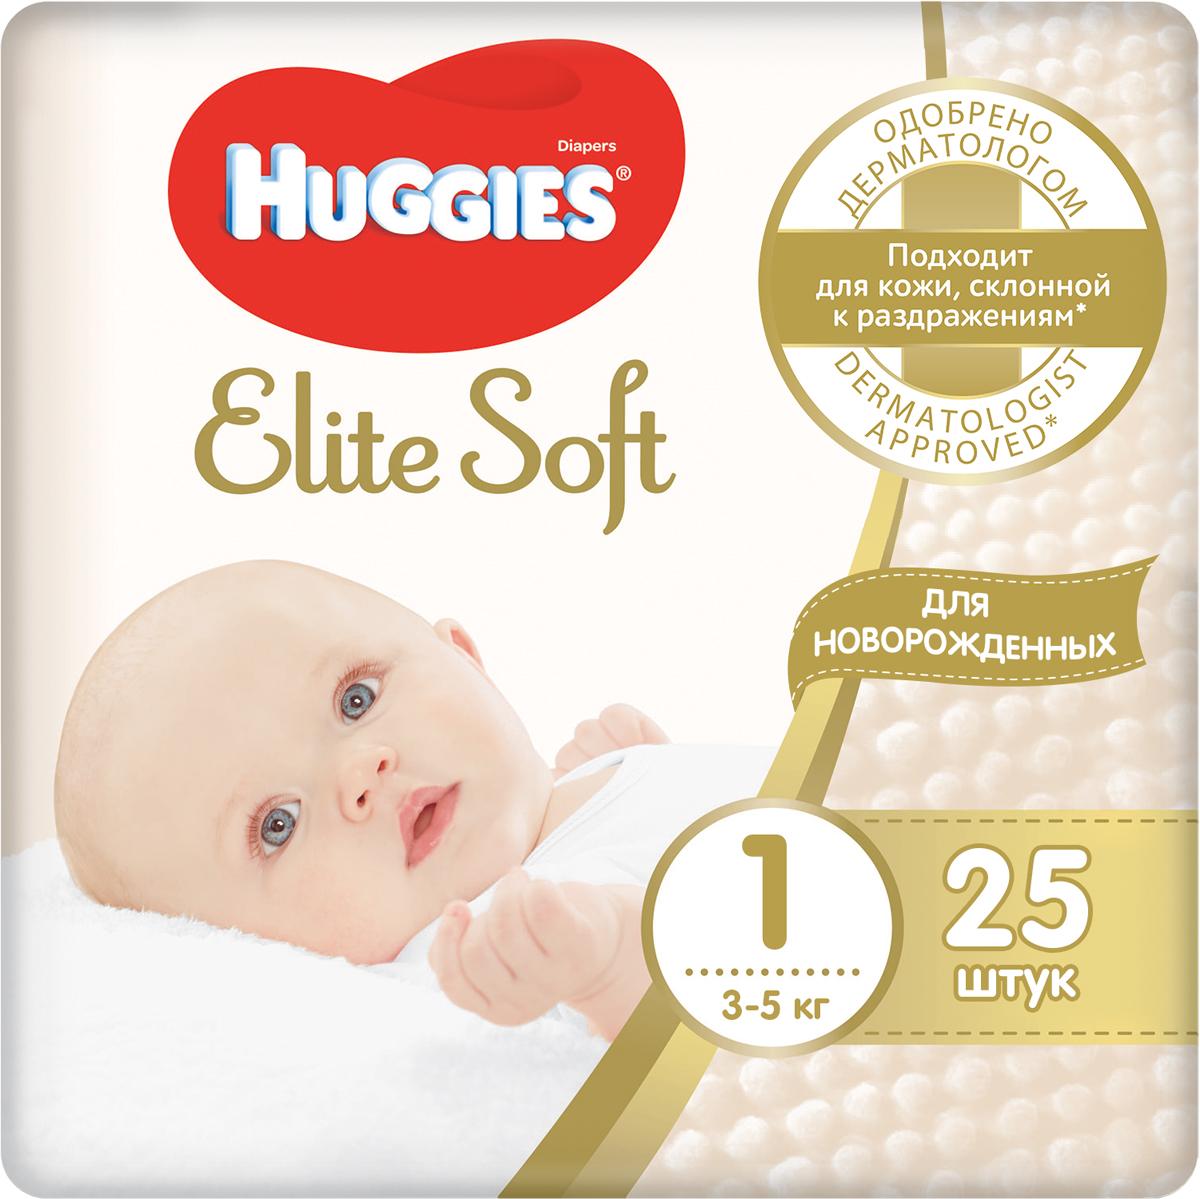 Подгузники Huggies, размер 1, 3-5 кг, 9400111, 25 шт